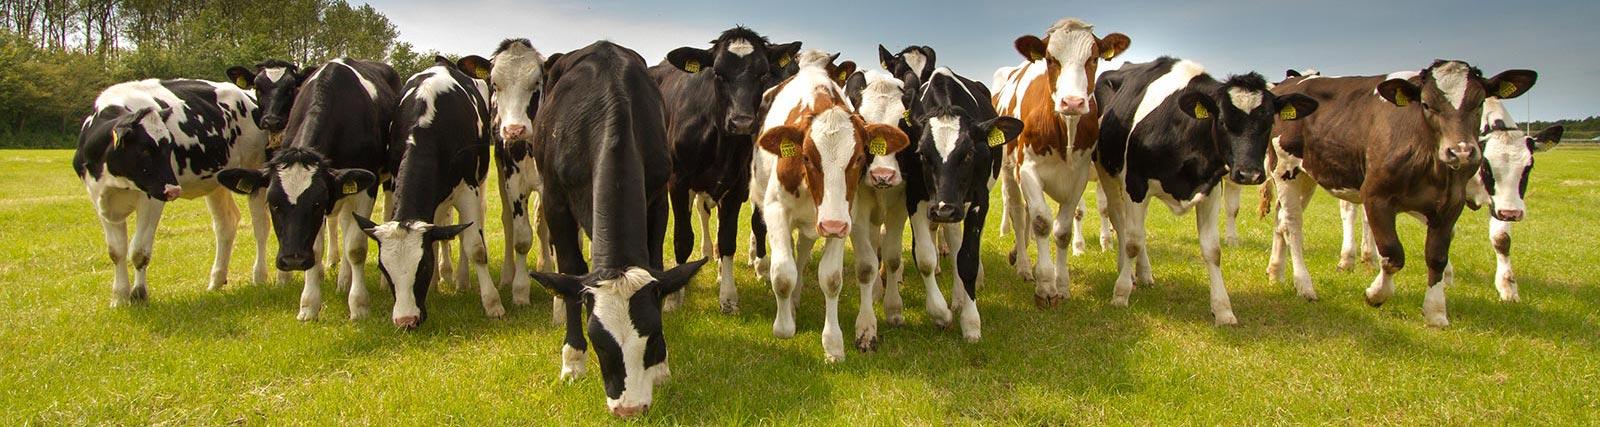 OV_Cows